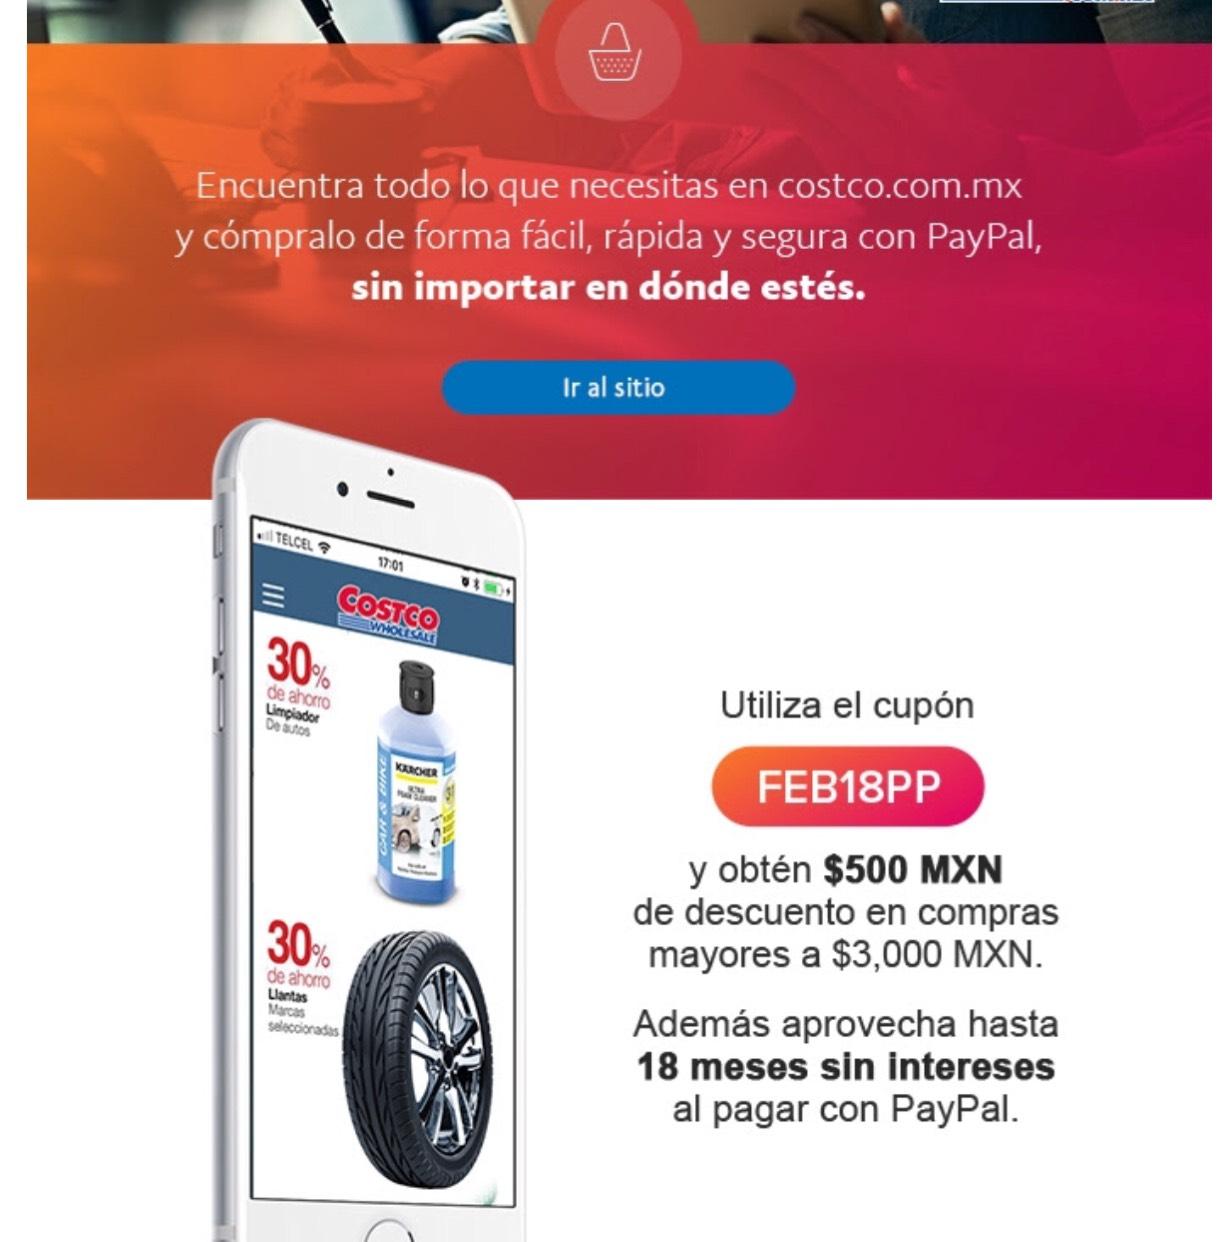 Costco: Cupon de $500 con Paypal en compras de $3,000  y hasta 18 MSI con CitiBanamex